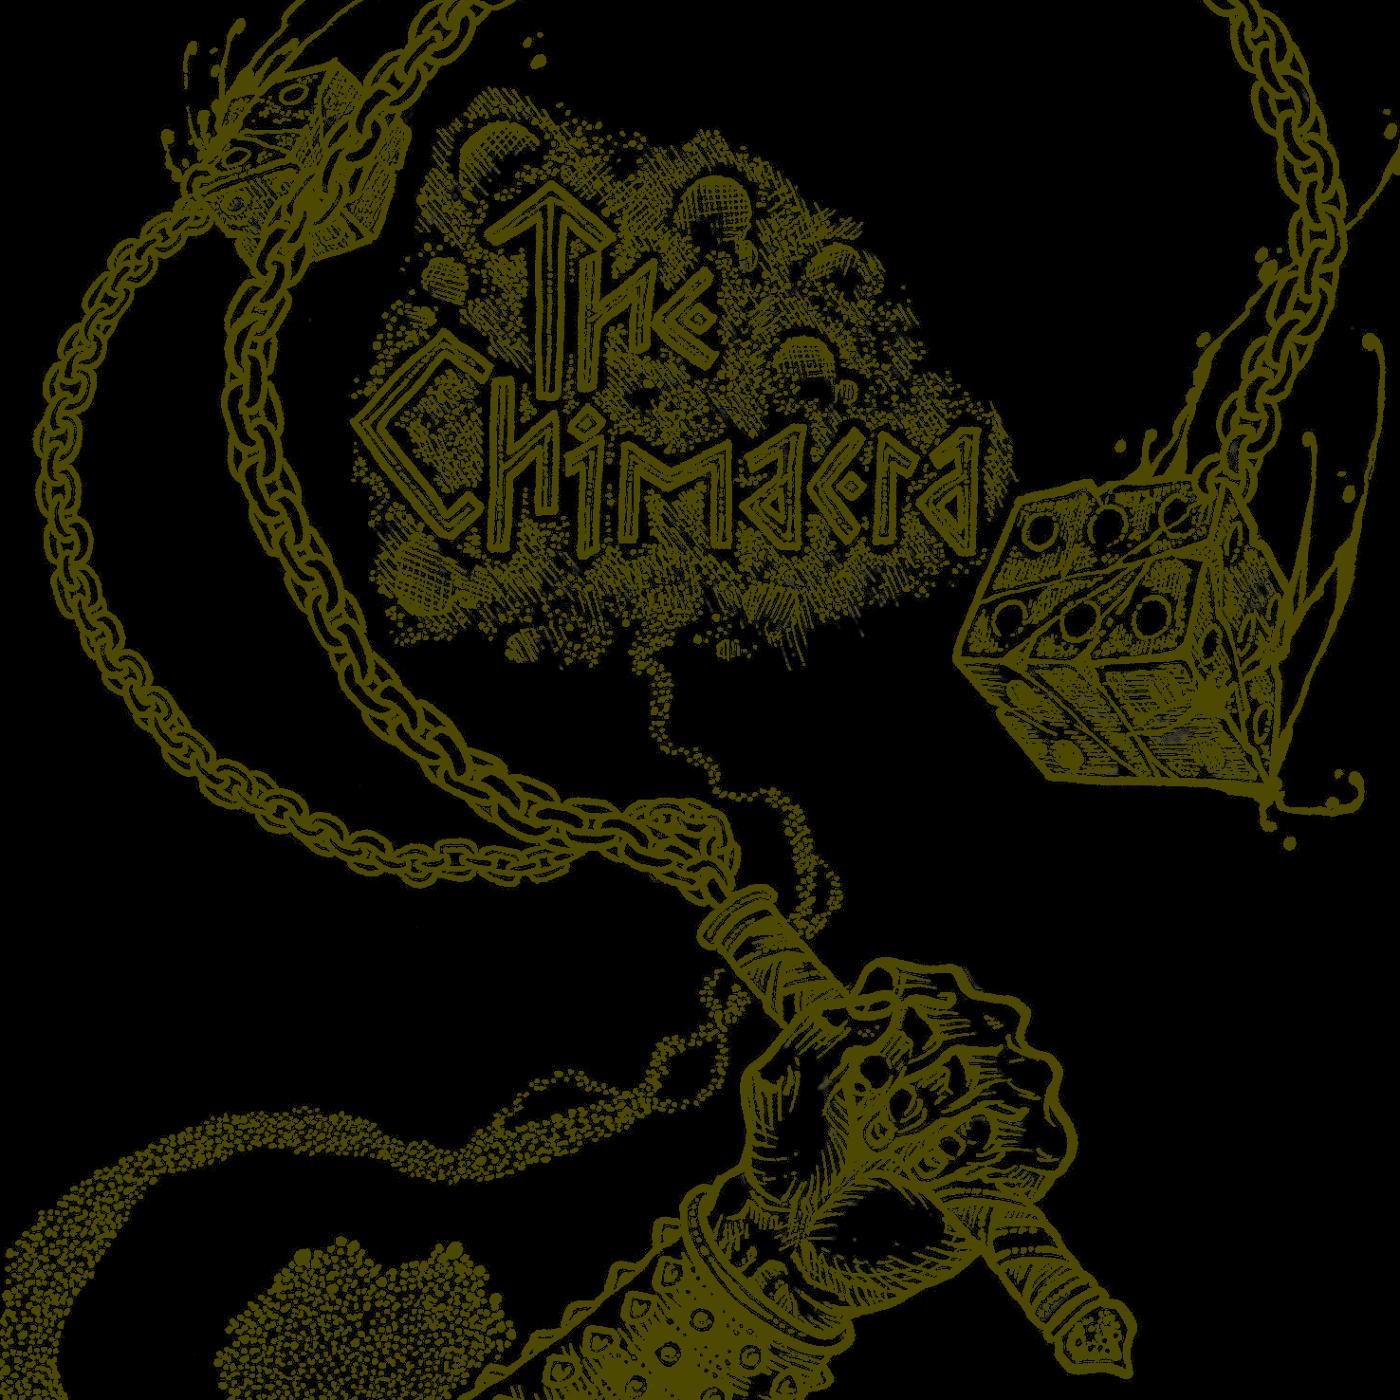 ChimaeraCast — The Chimaera